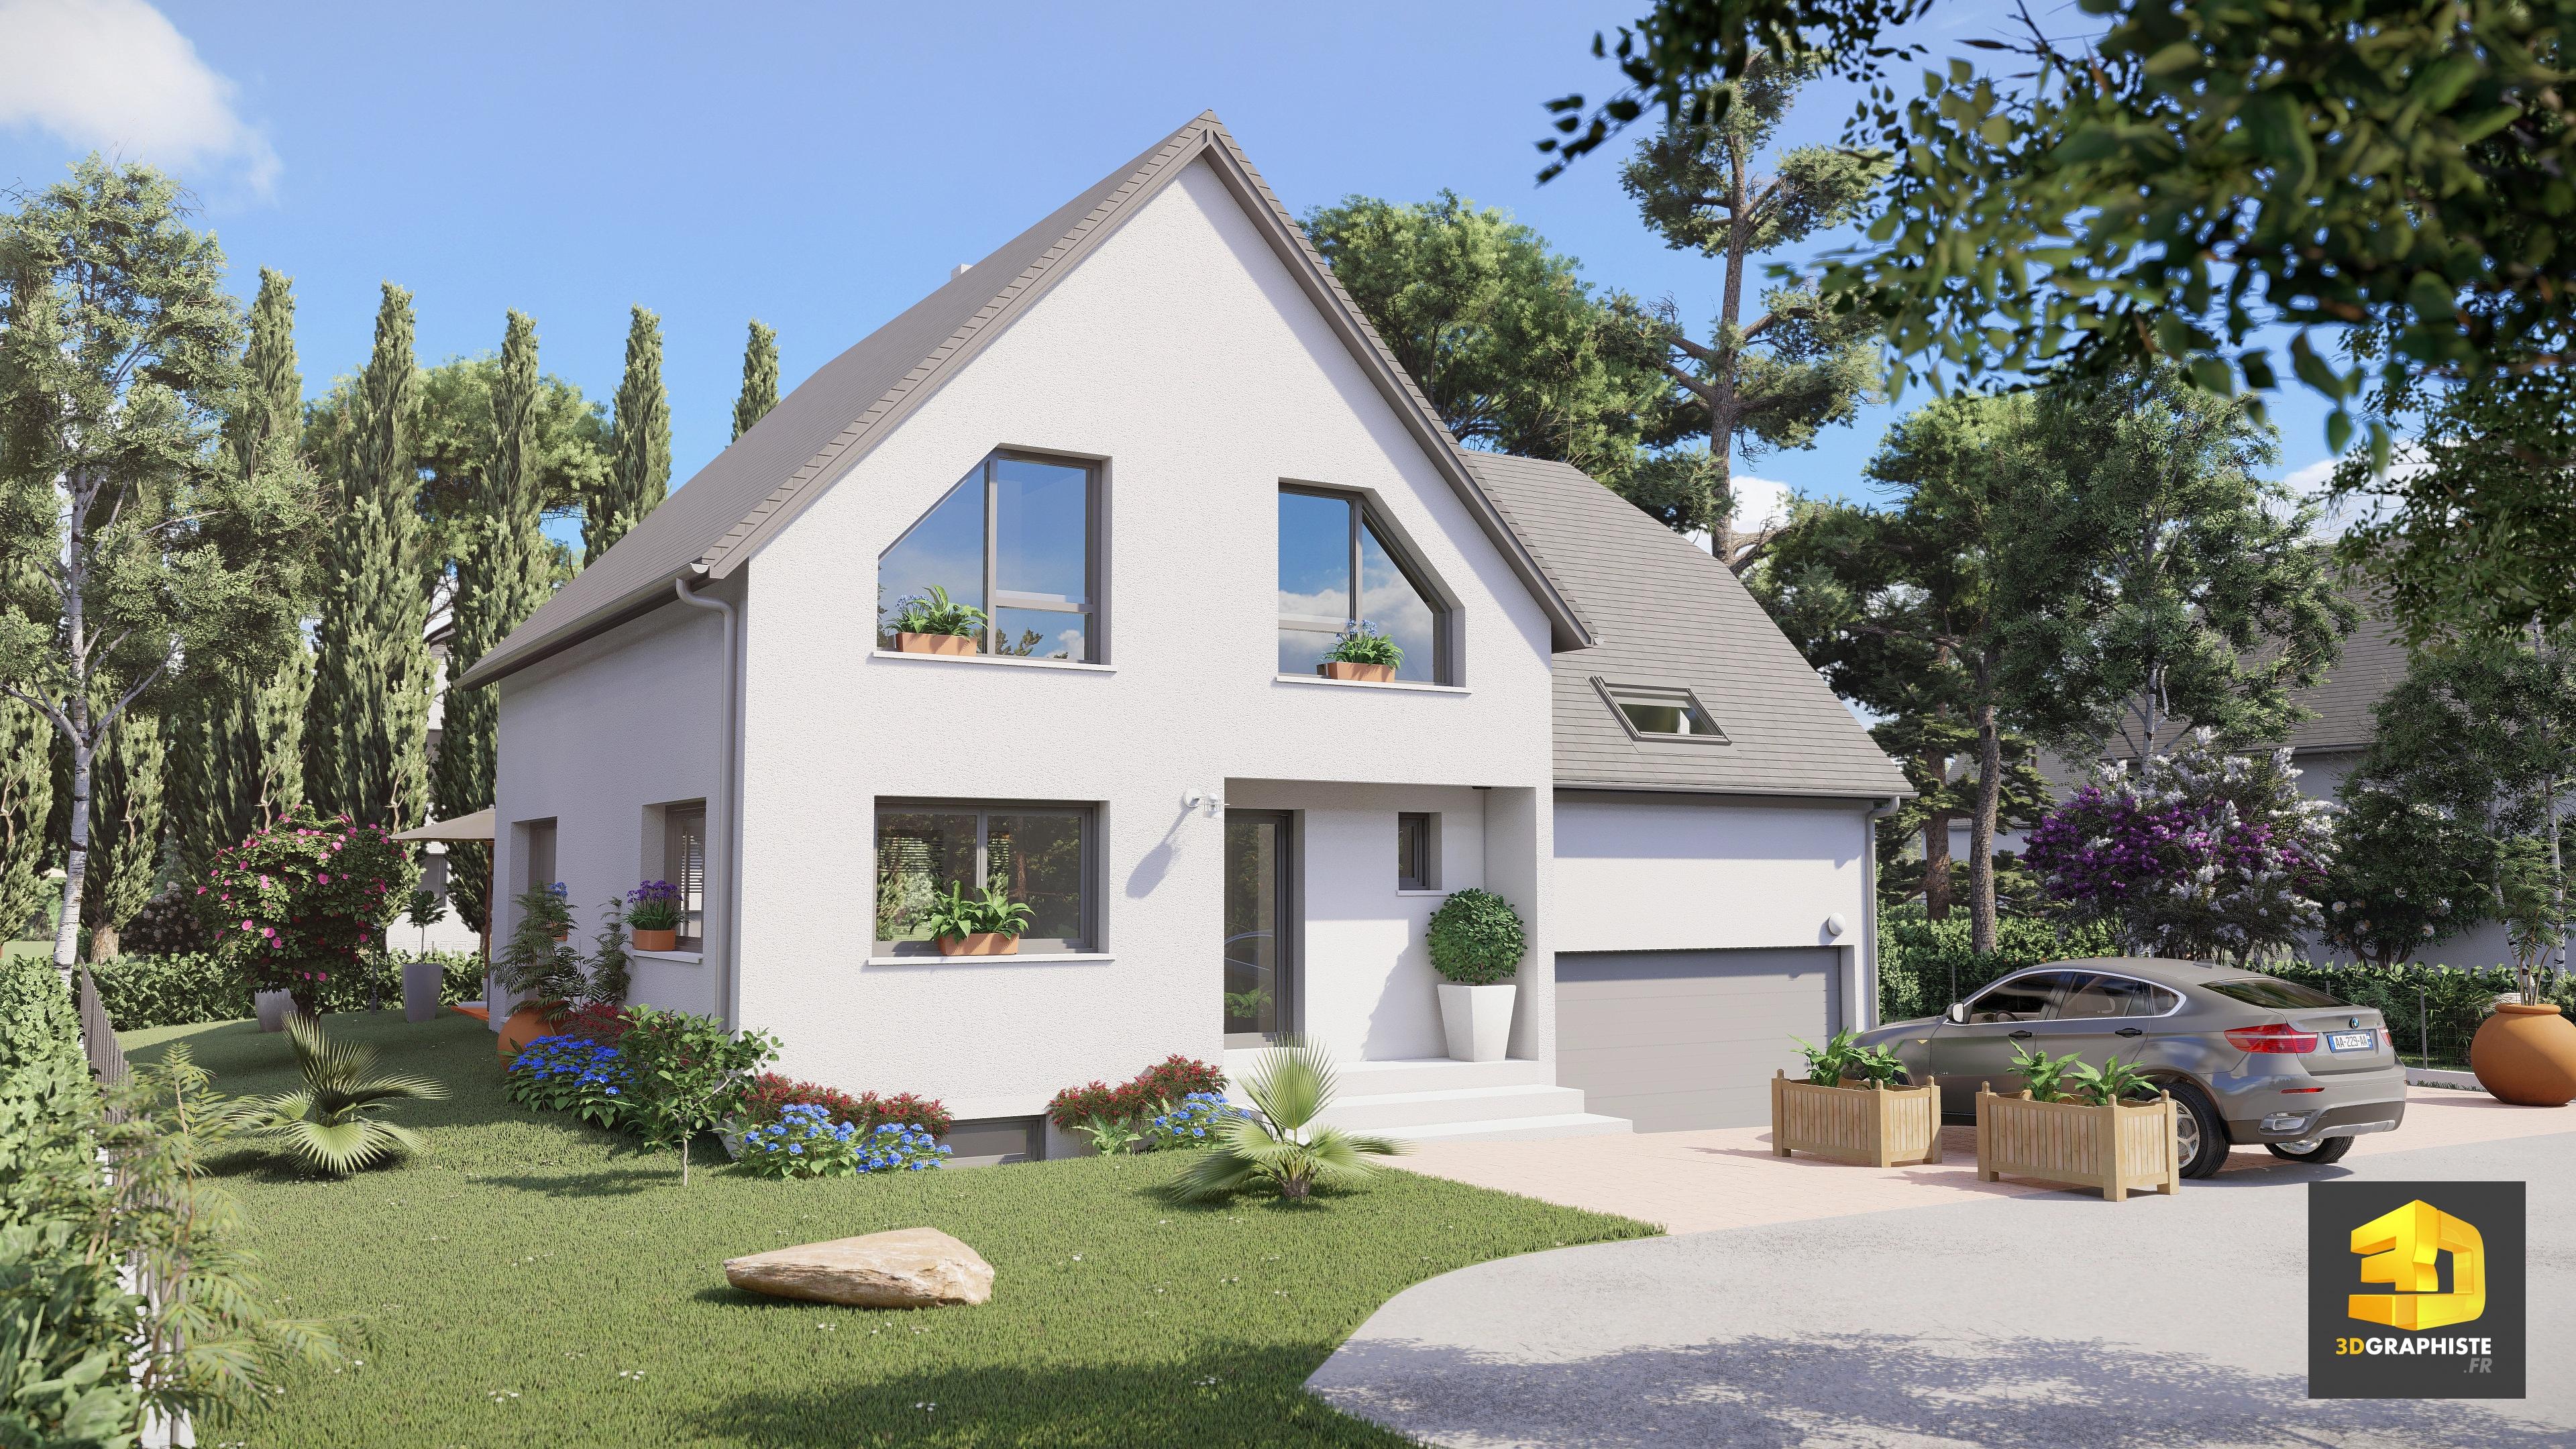 perspective ext rieure illustration 3d pour l 39 architecture 3dgraphiste fr. Black Bedroom Furniture Sets. Home Design Ideas